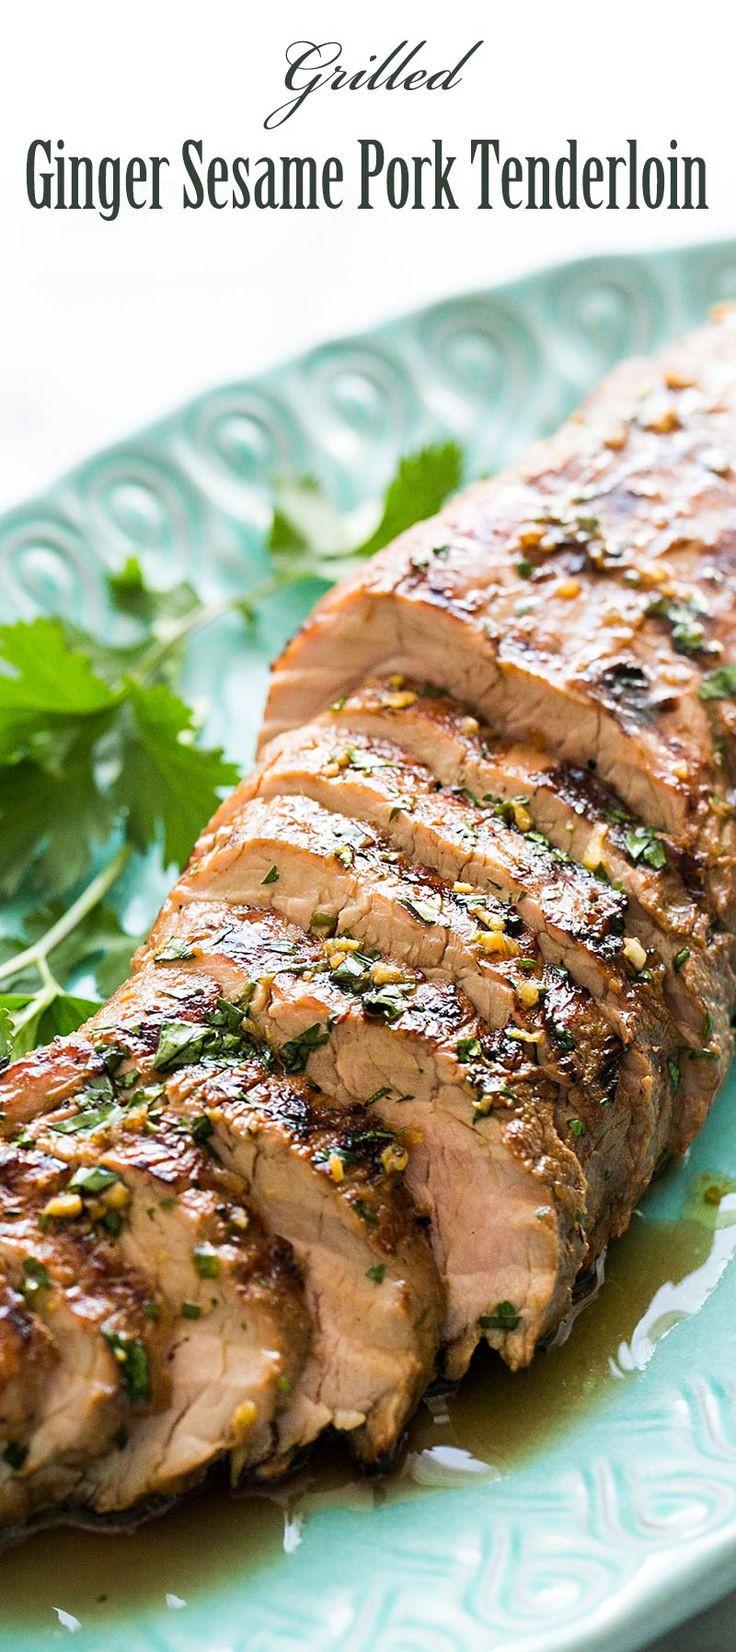 Best Pork Tenderloin Marinade  25 best ideas about Grilled Pork Tenderloins on Pinterest